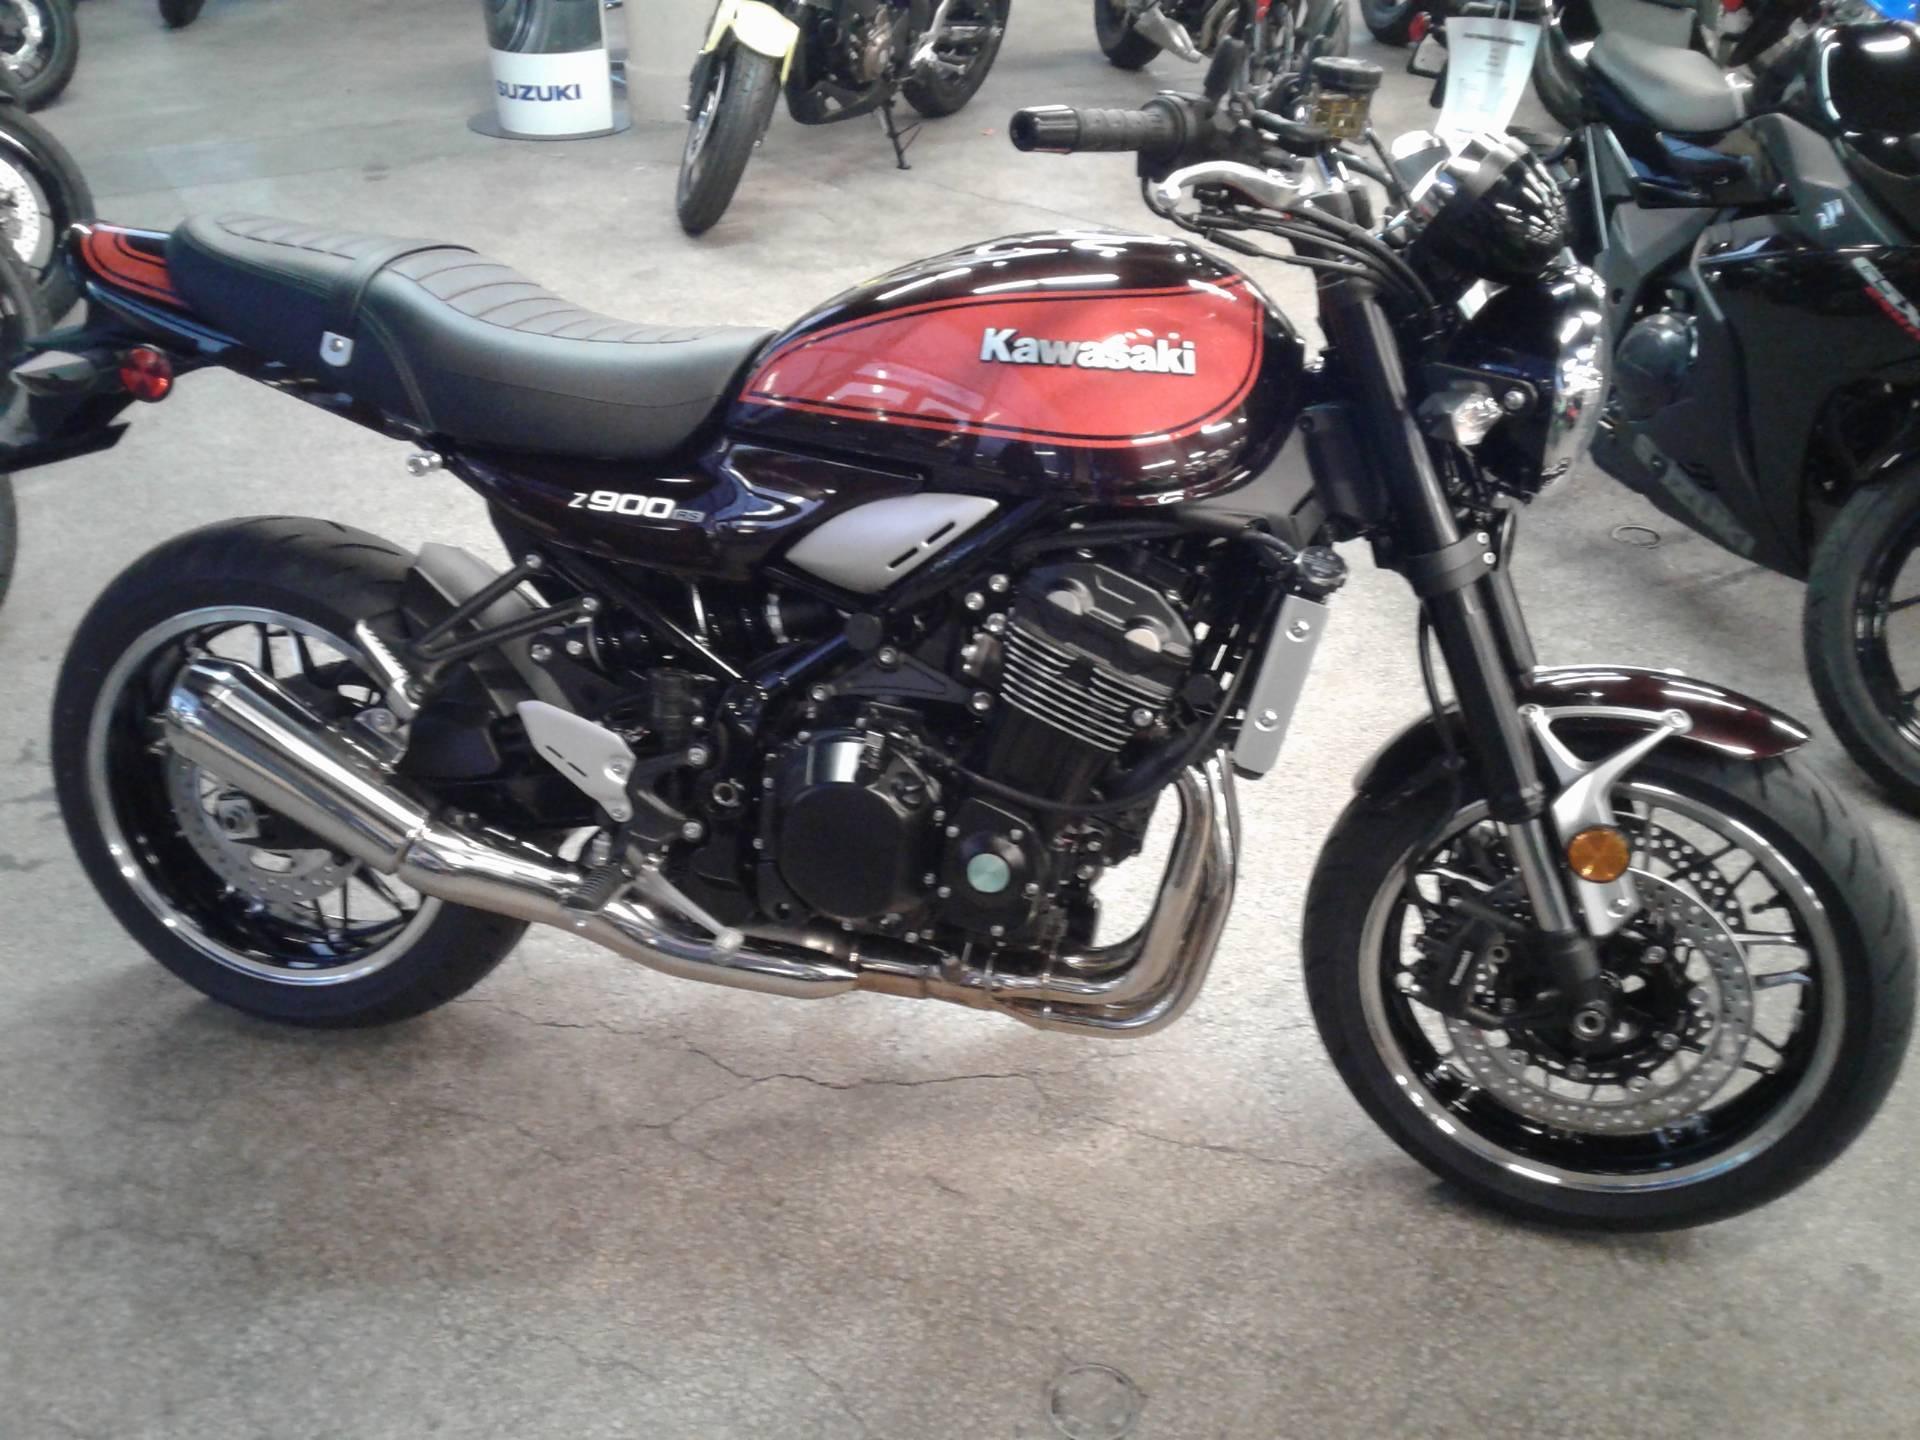 Kawasaki Fd